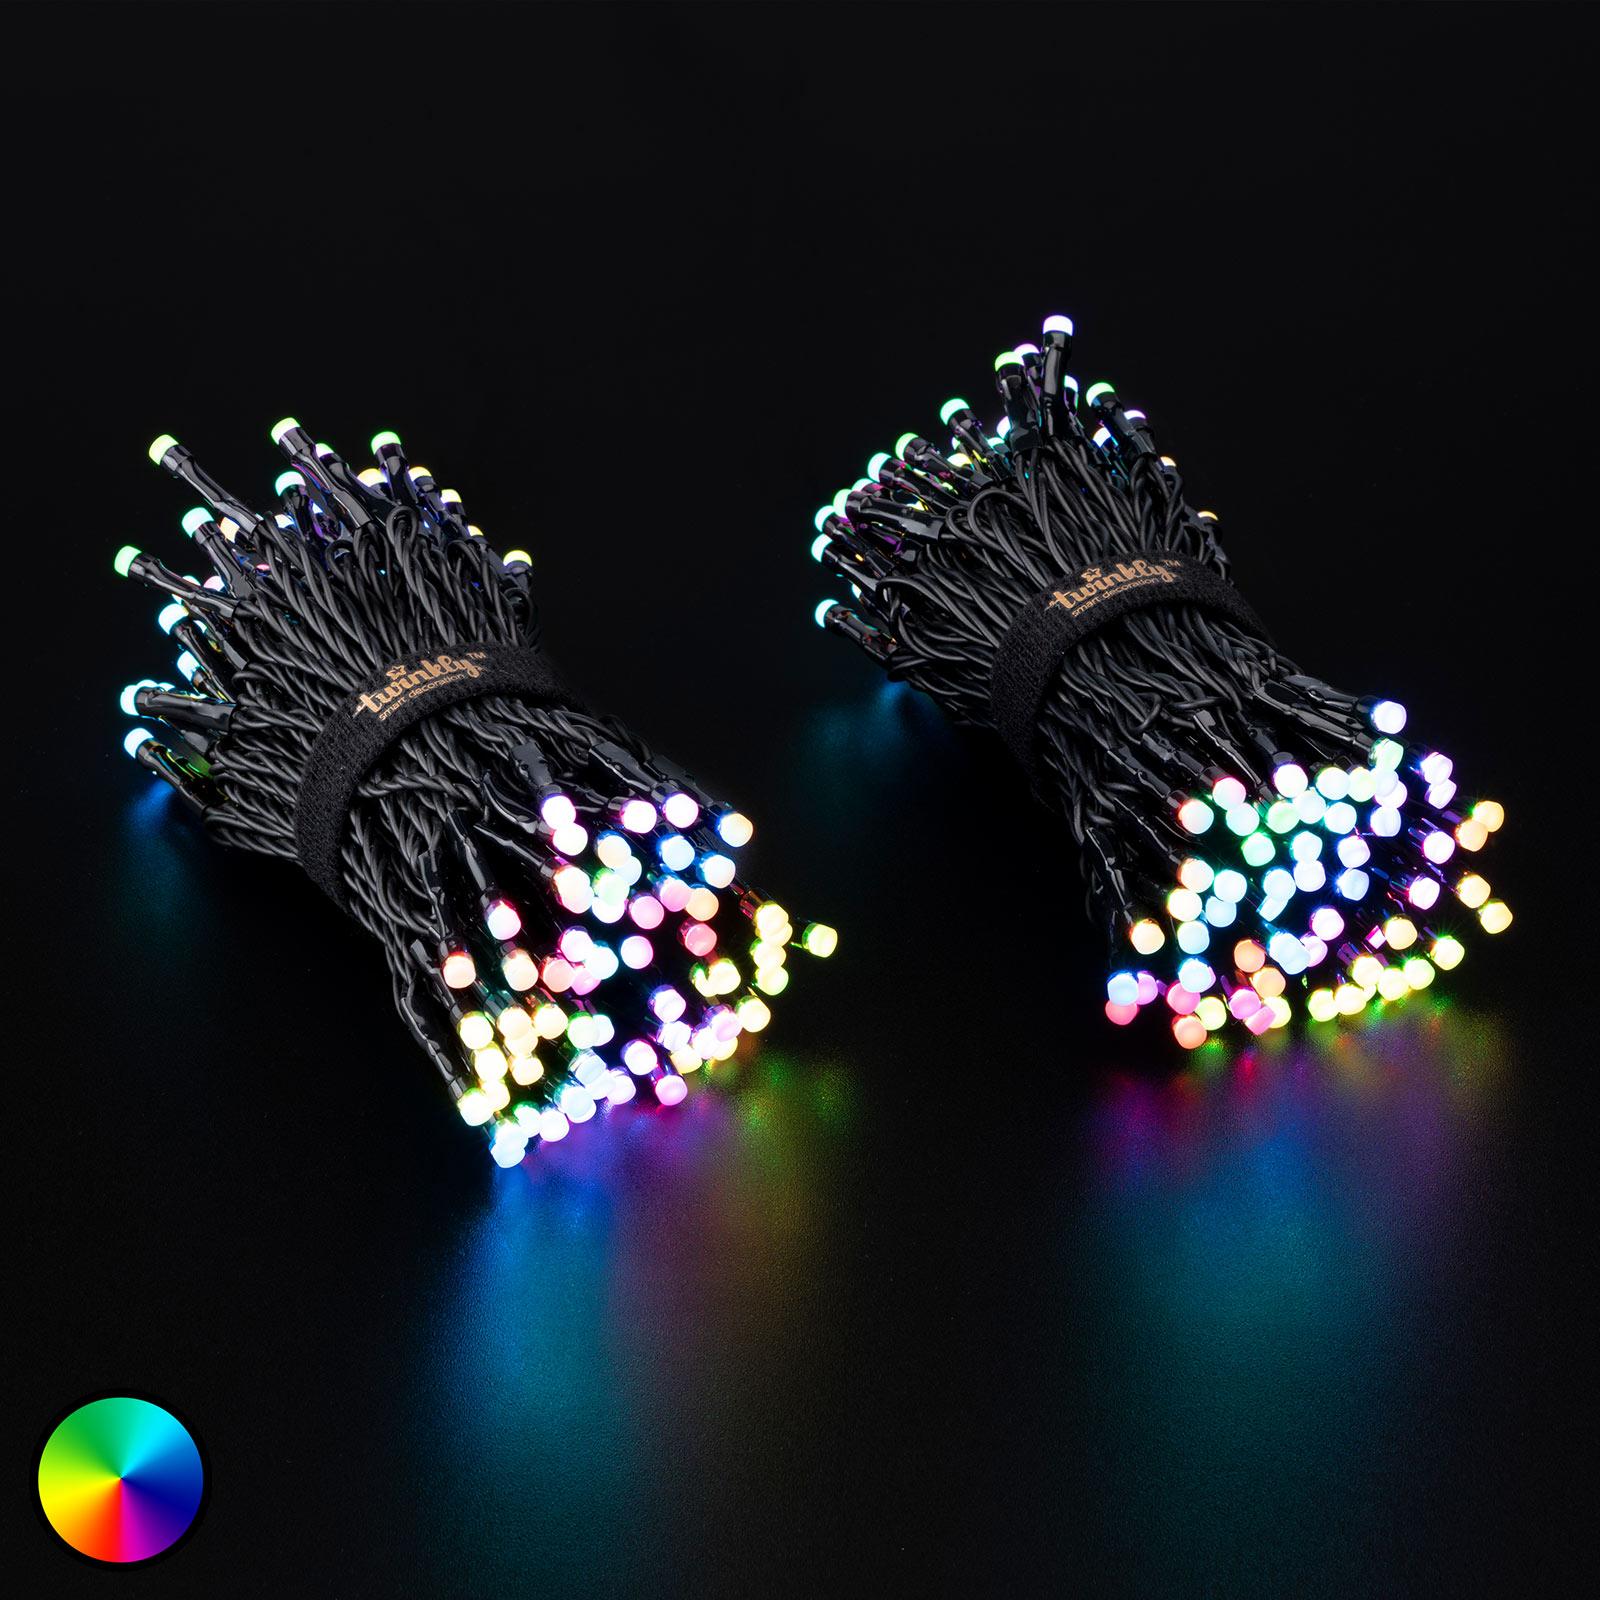 Łańcuch świetlny Twinkly RGBW, 250-pkt.